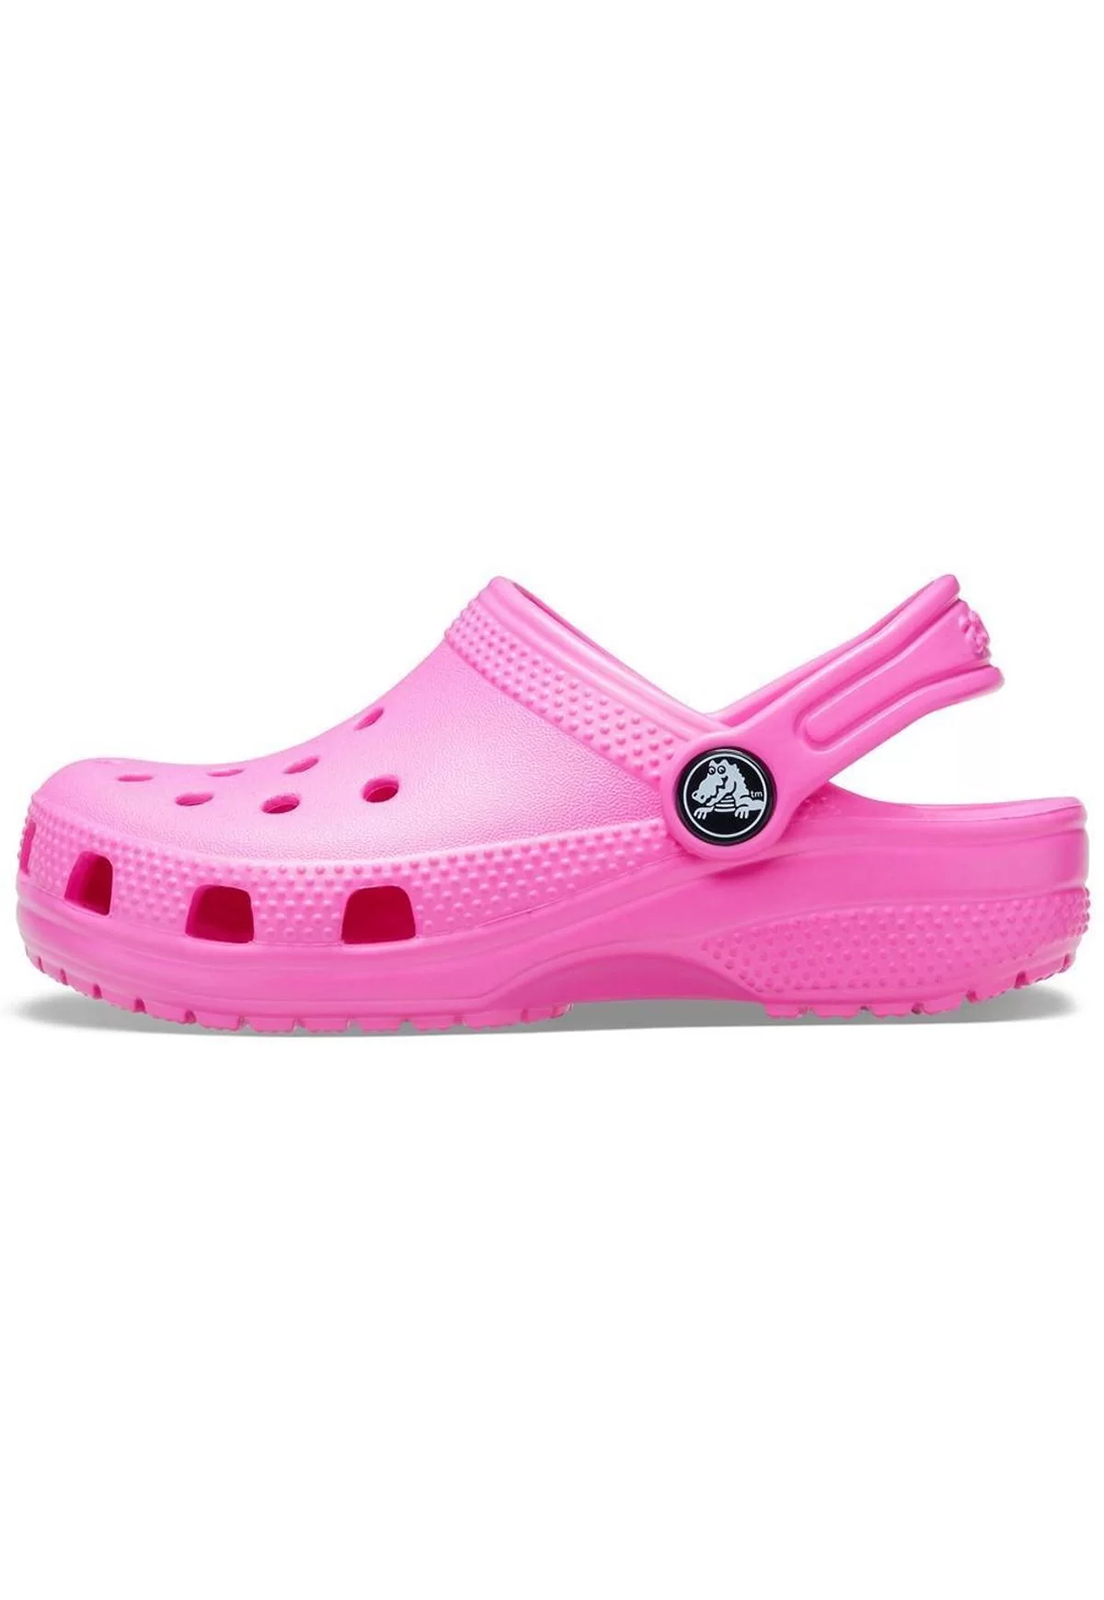 Sandália Crocs Classic Clog Eletric Pink